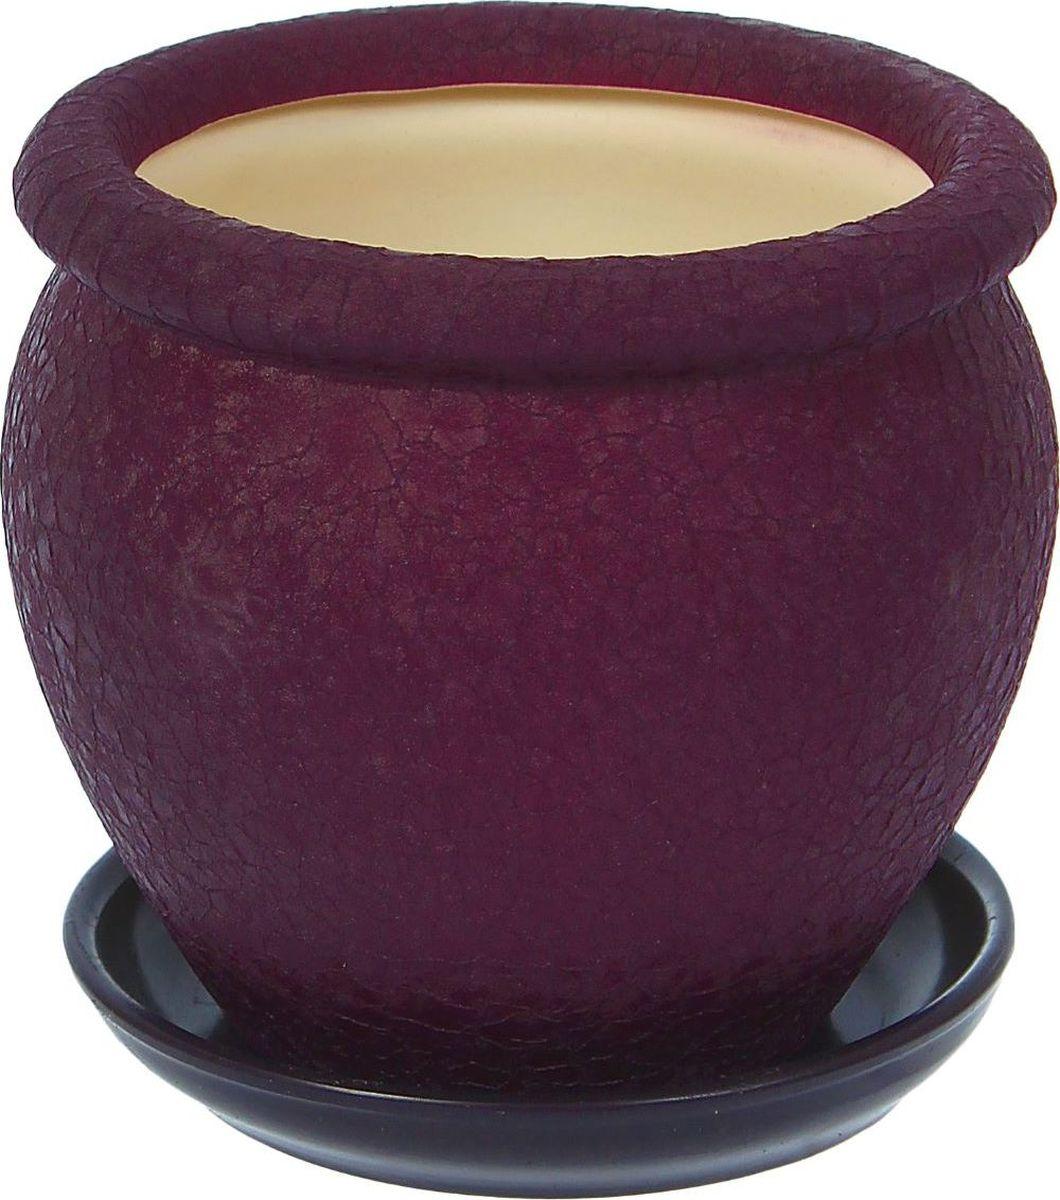 Кашпо Керамика ручной работы Вьетнам, цвет: фиолетовый, 1,5 л1099328Комнатные растения — всеобщие любимцы. Они радуют глаз, насыщают помещение кислородом и украшают пространство. Каждому из них необходим свой удобный и красивый дом. Кашпо из керамики прекрасно подходят для высадки растений: за счёт пластичности глины и разных способов обработки существует великое множество форм и дизайновпористый материал позволяет испаряться лишней влагевоздух, необходимый для дыхания корней, проникает сквозь керамические стенки! #name# позаботится о зелёном питомце, освежит интерьер и подчеркнёт его стиль.